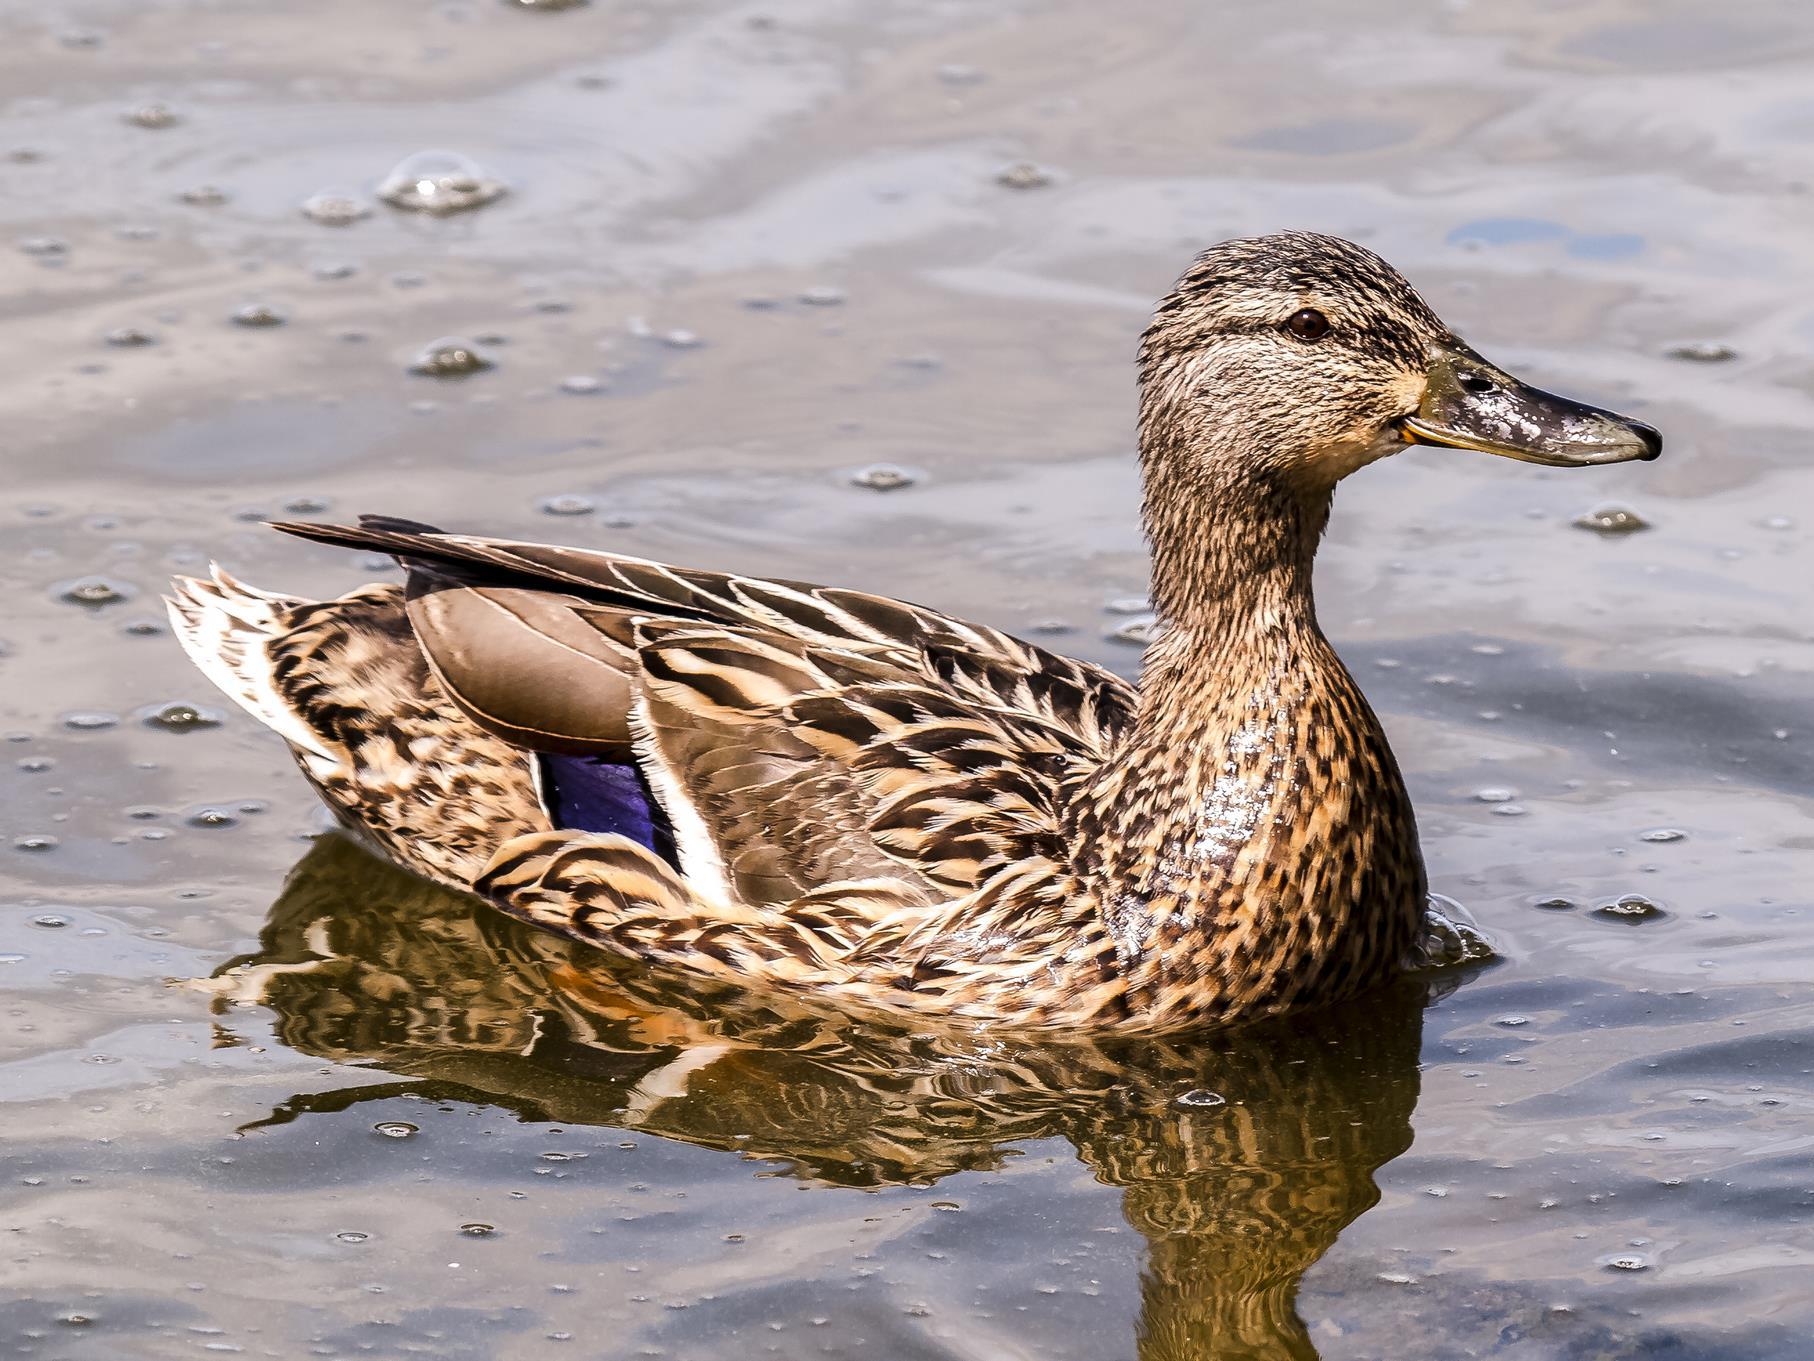 Ein Stockenten-Weibchen im Wasser.